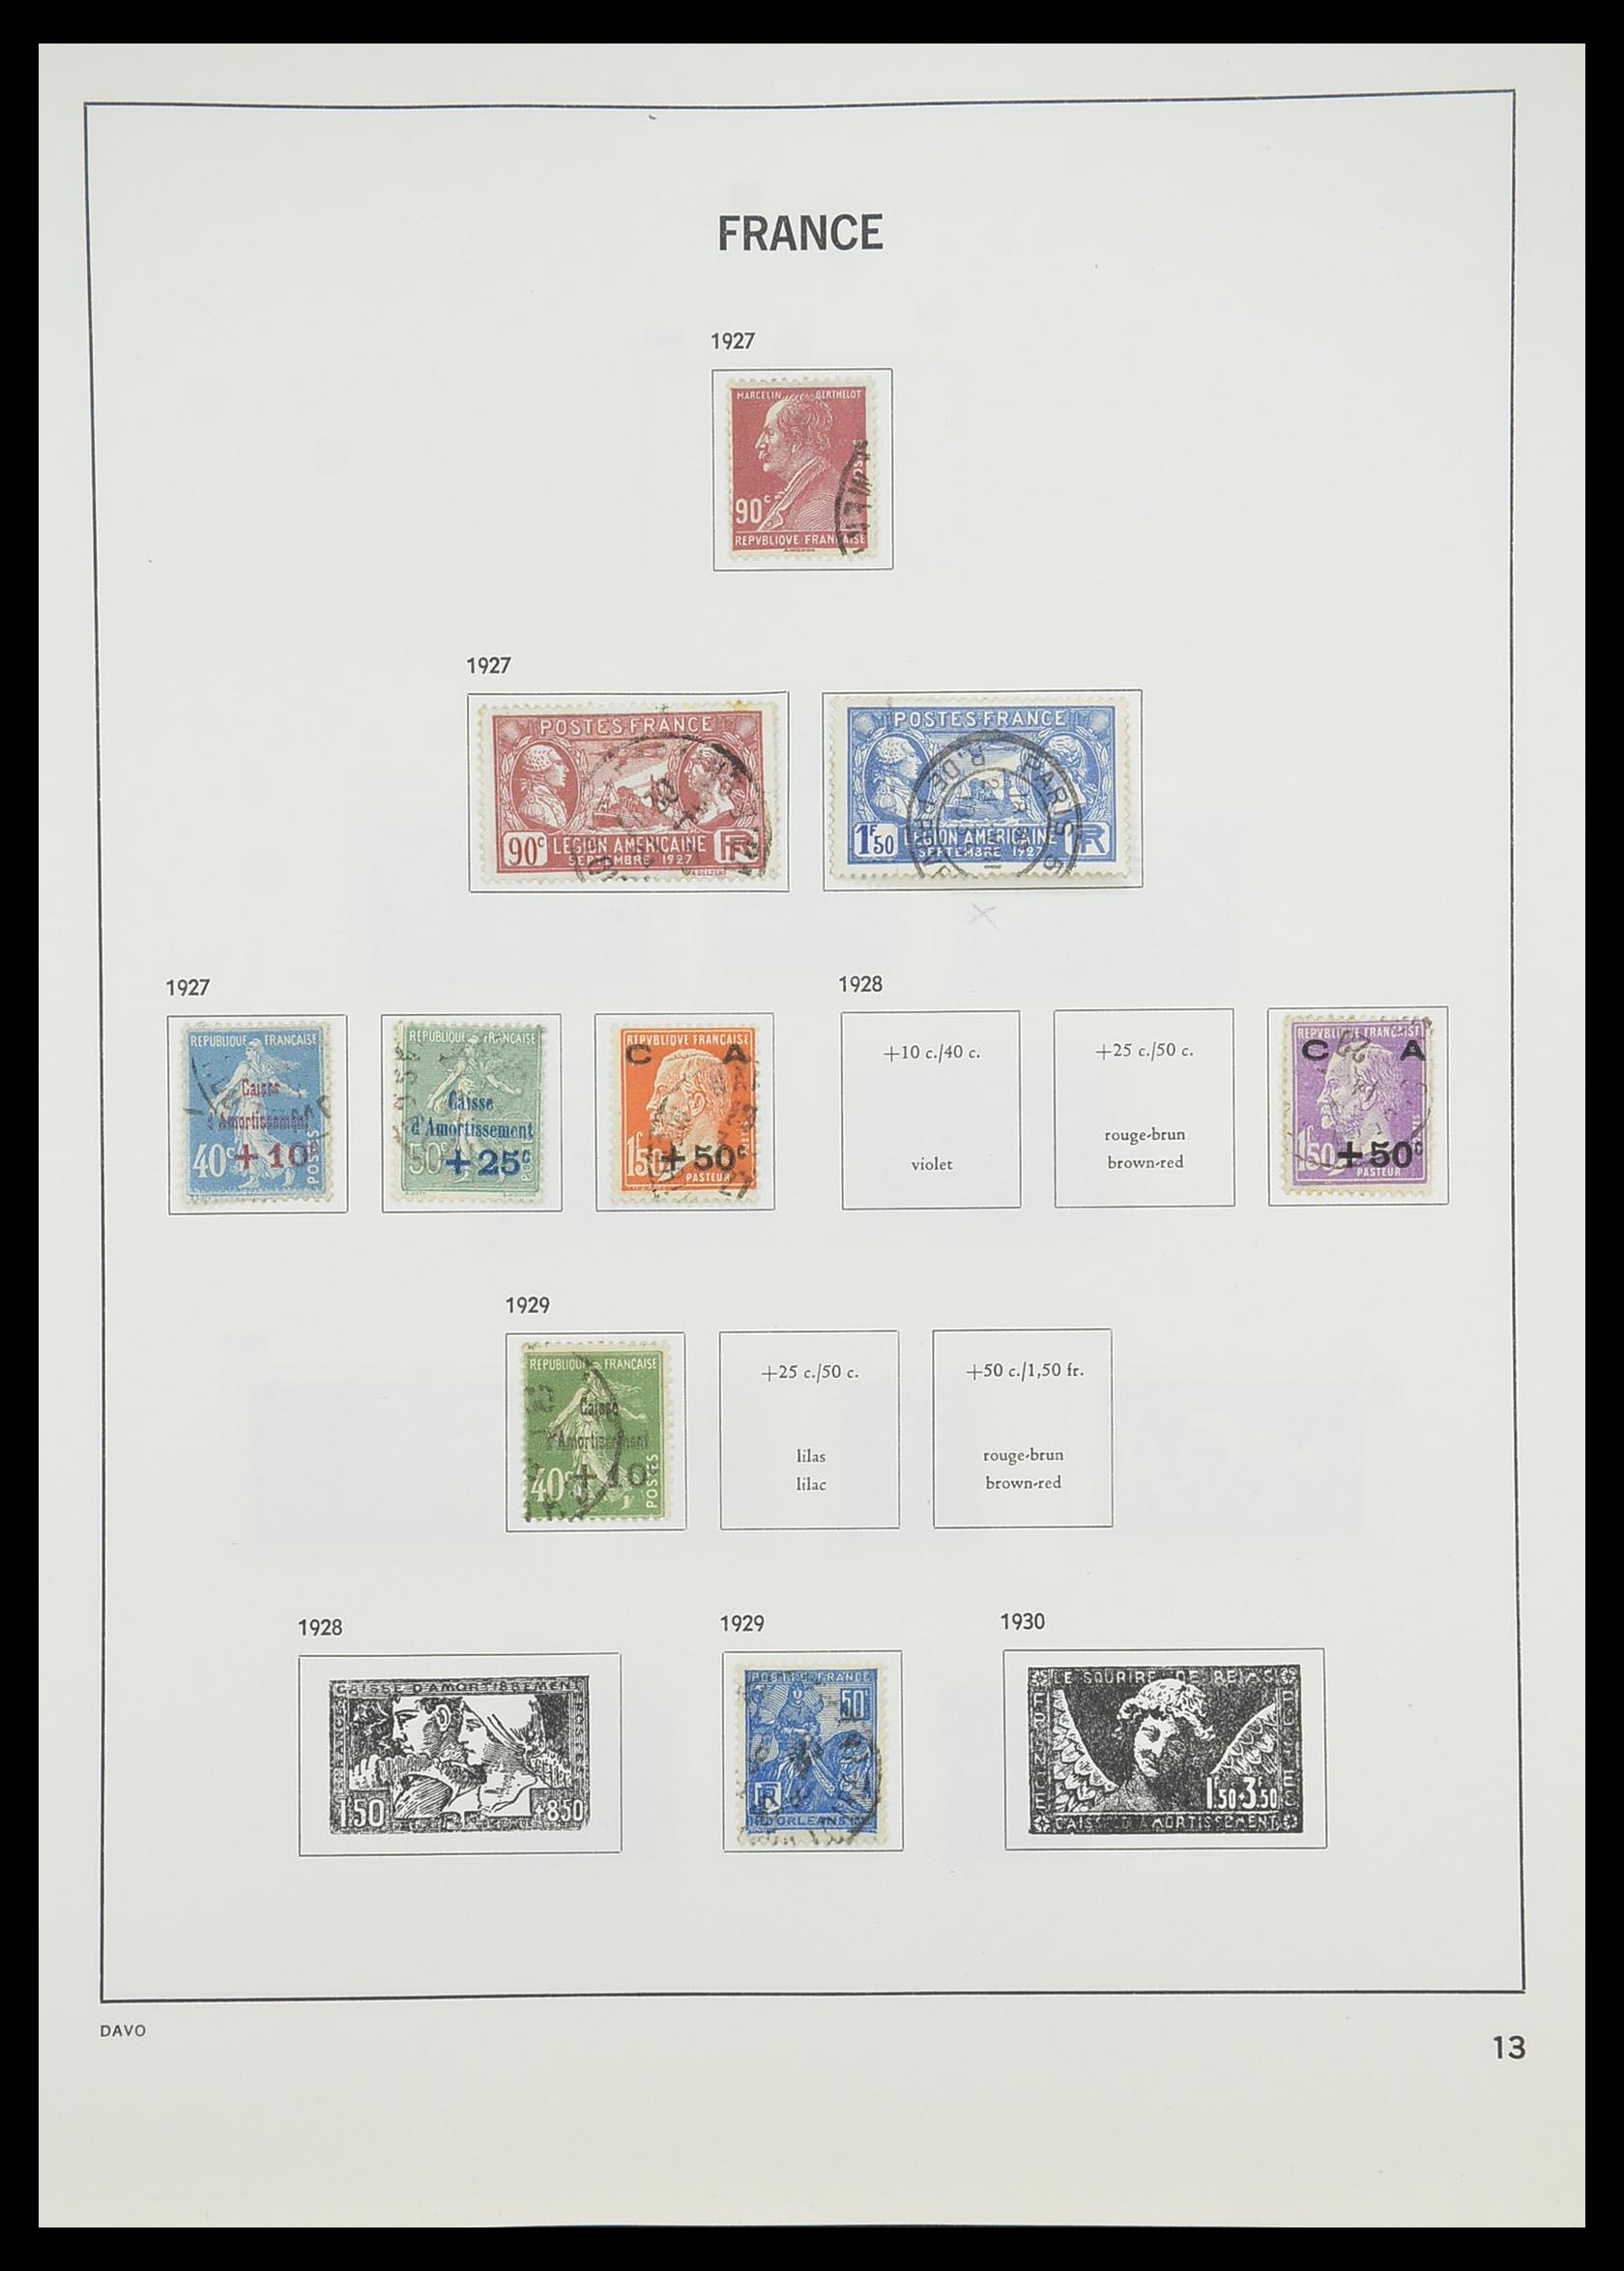 33819 015 - Postzegelverzameling 33819 Frankrijk 1849-1988.